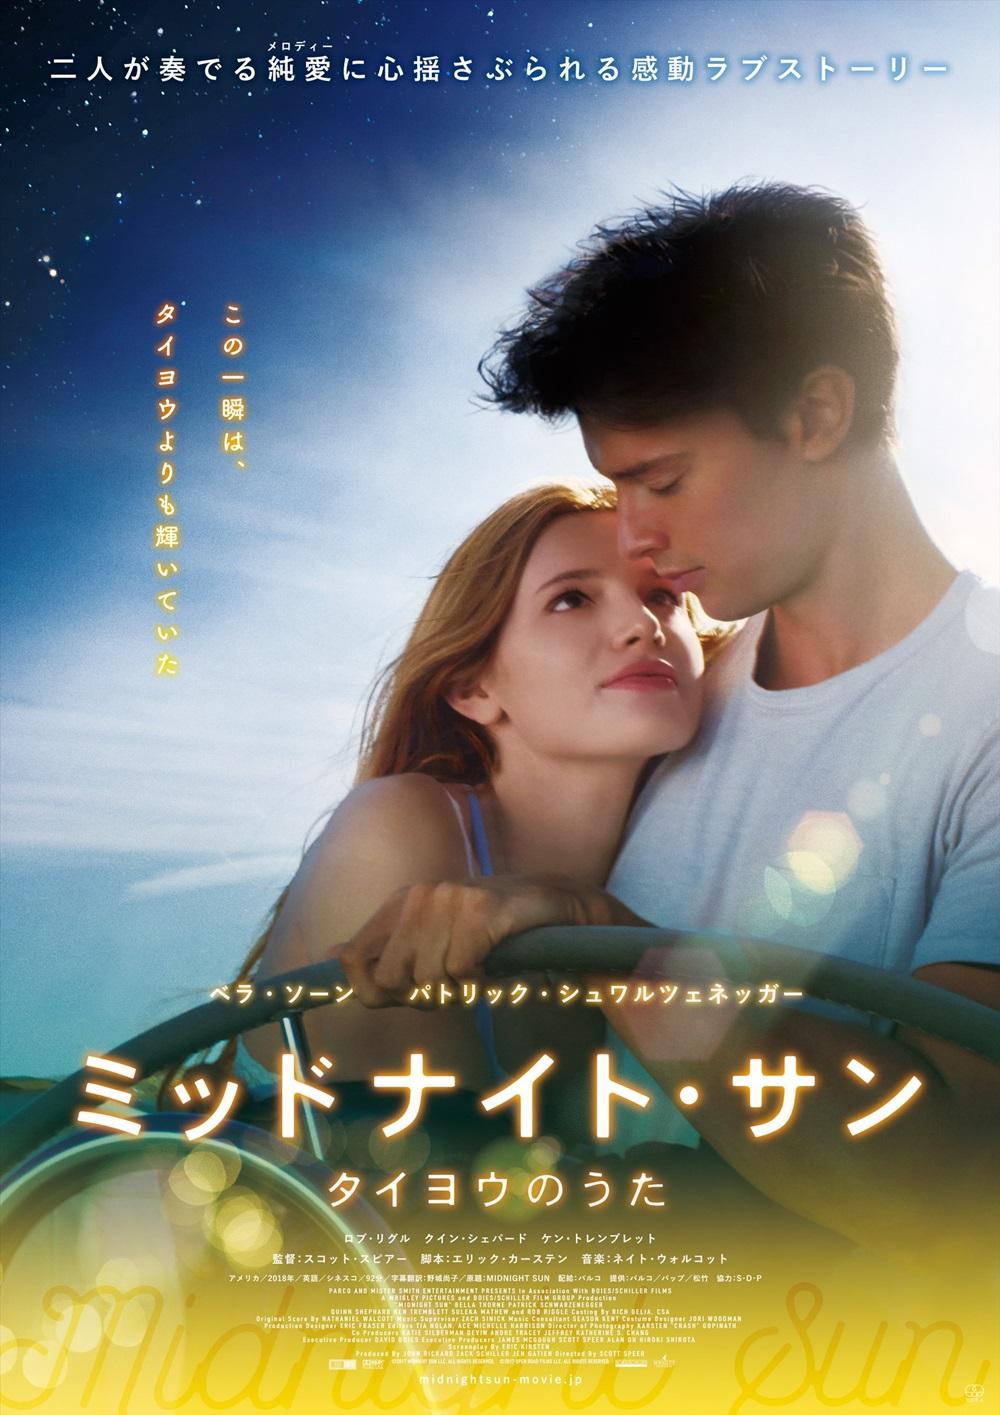 【画像】映画『ミッドナイト・サン ~タイヨウのうた~』ポスタービジュアル